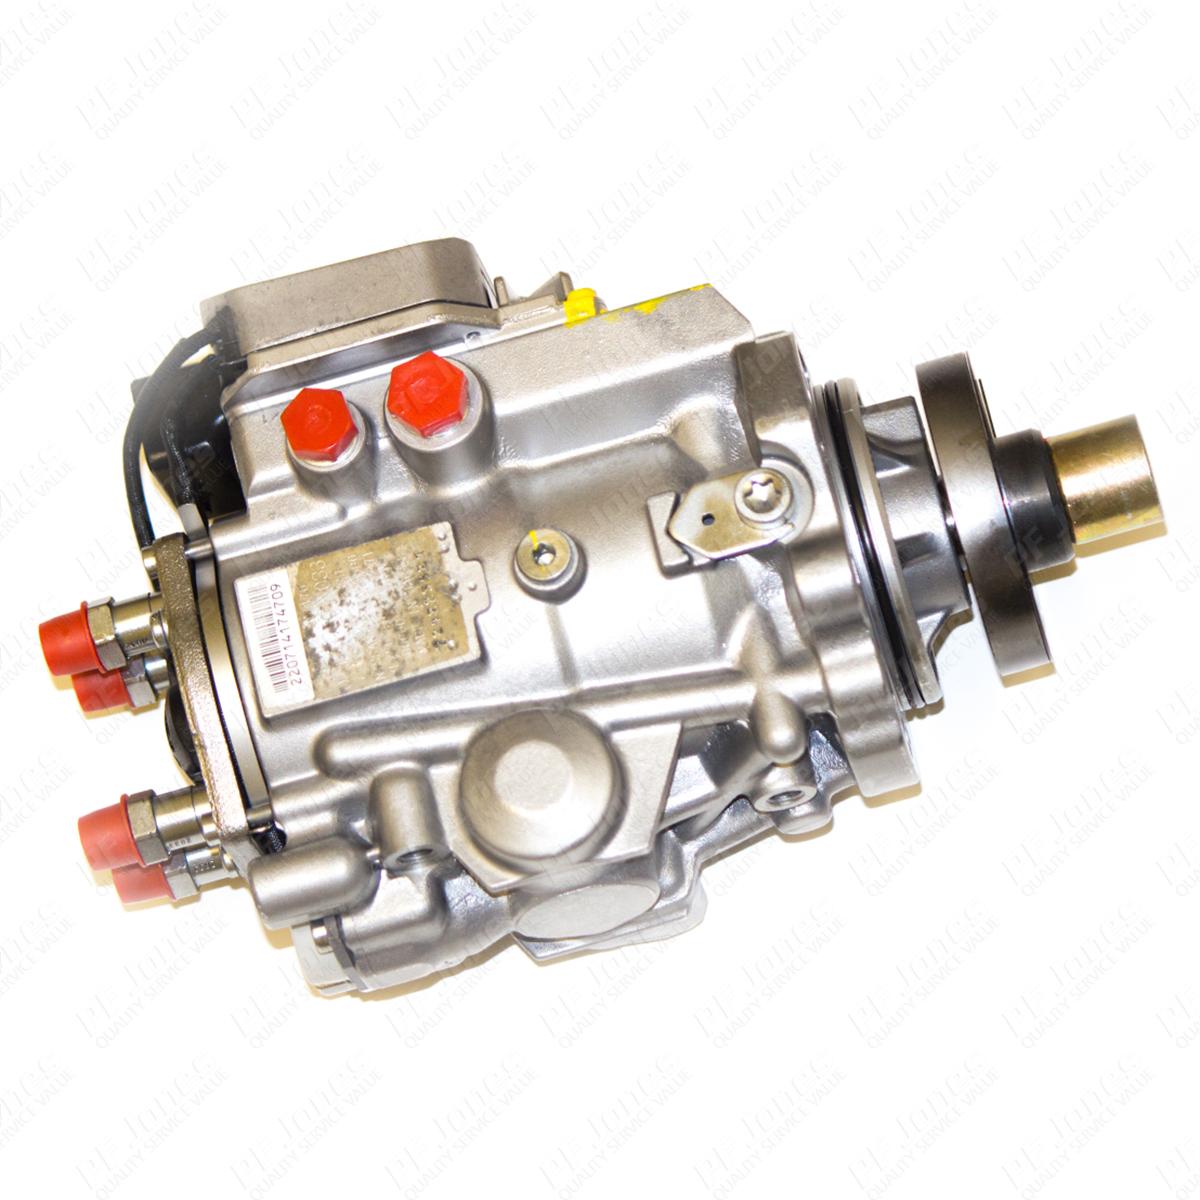 Nissan Navara D22 25 Td Reconditioned Bosch Diesel Fuel Pump 0470504033 Remanufactured Vp44 4 Cylinder